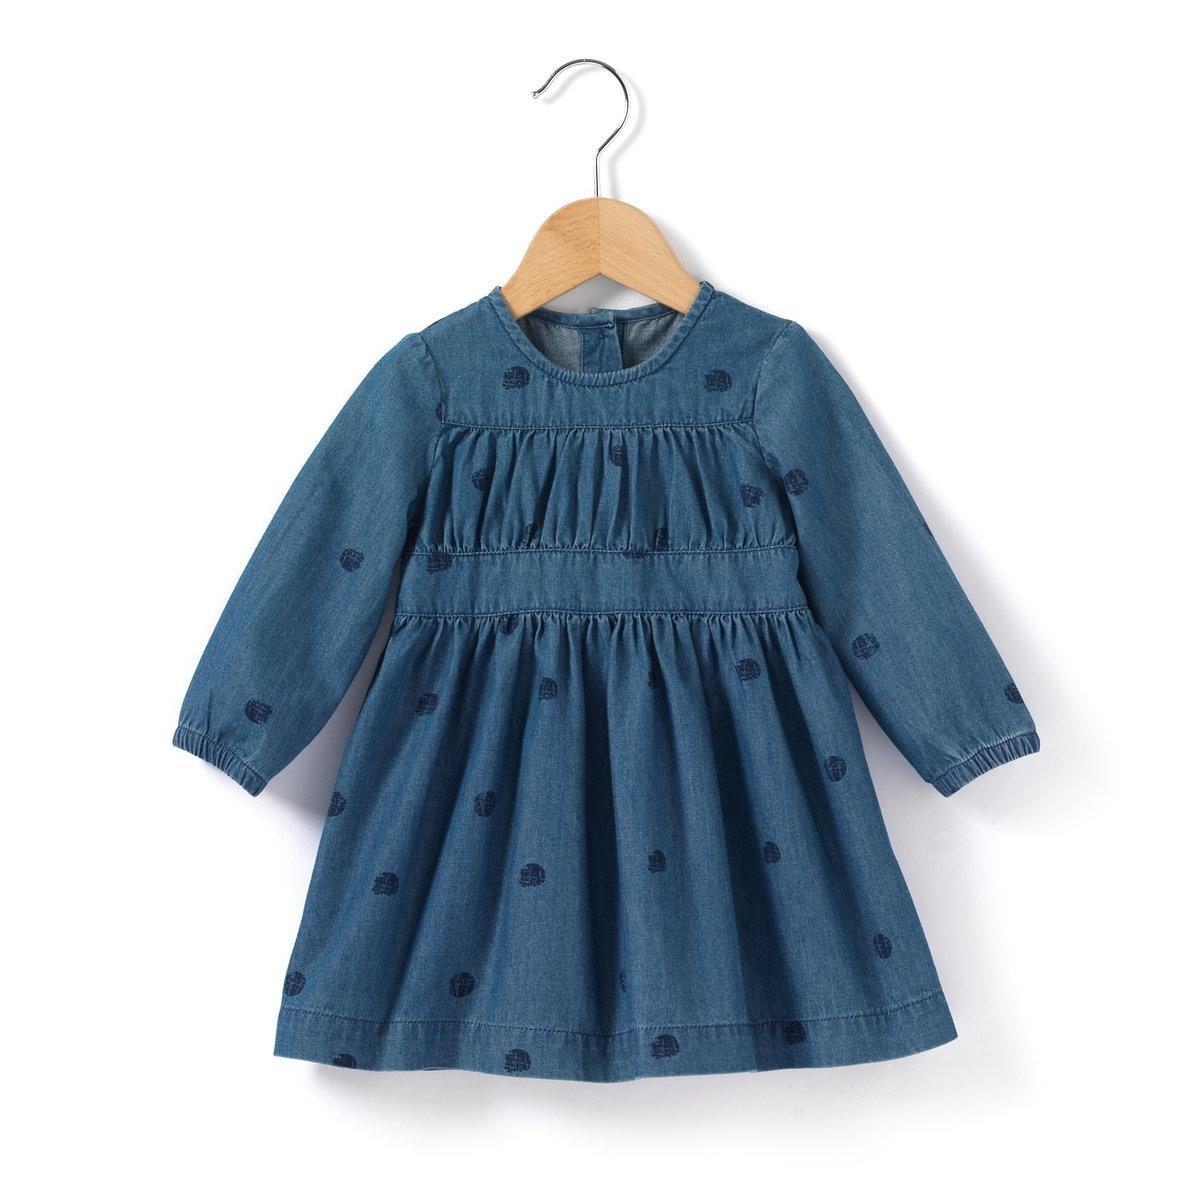 Платье джинсовое с небольшим принтом.<br><br>Цвет: синий деним<br>Размер: 9 мес. - 71 см